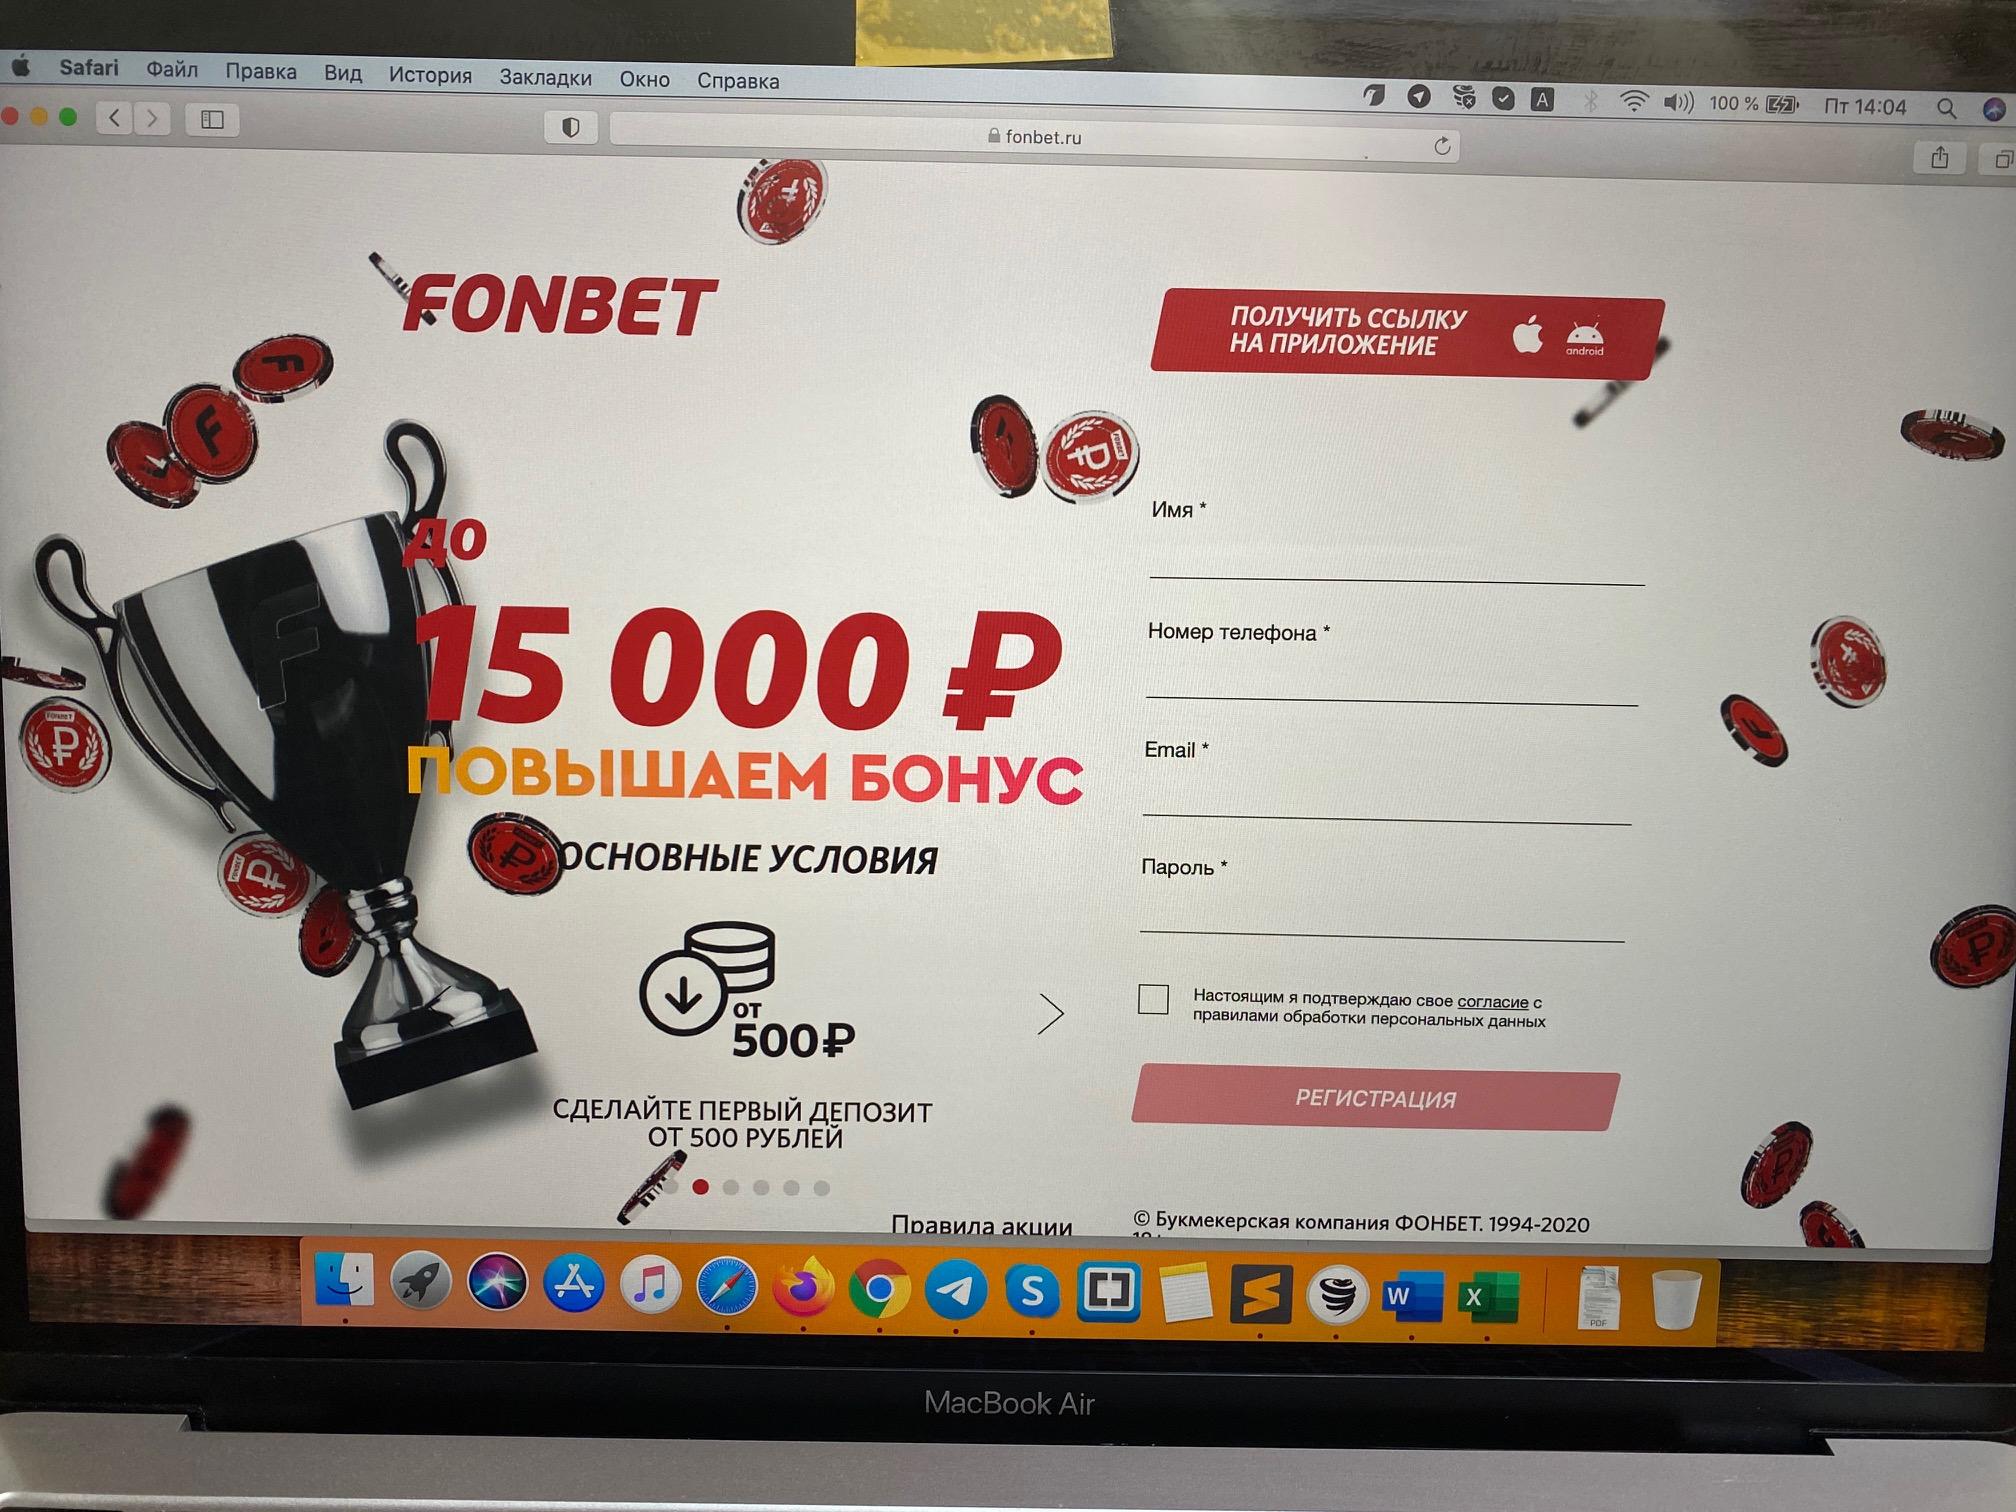 Забери 15 000р. на сайте Фонбет